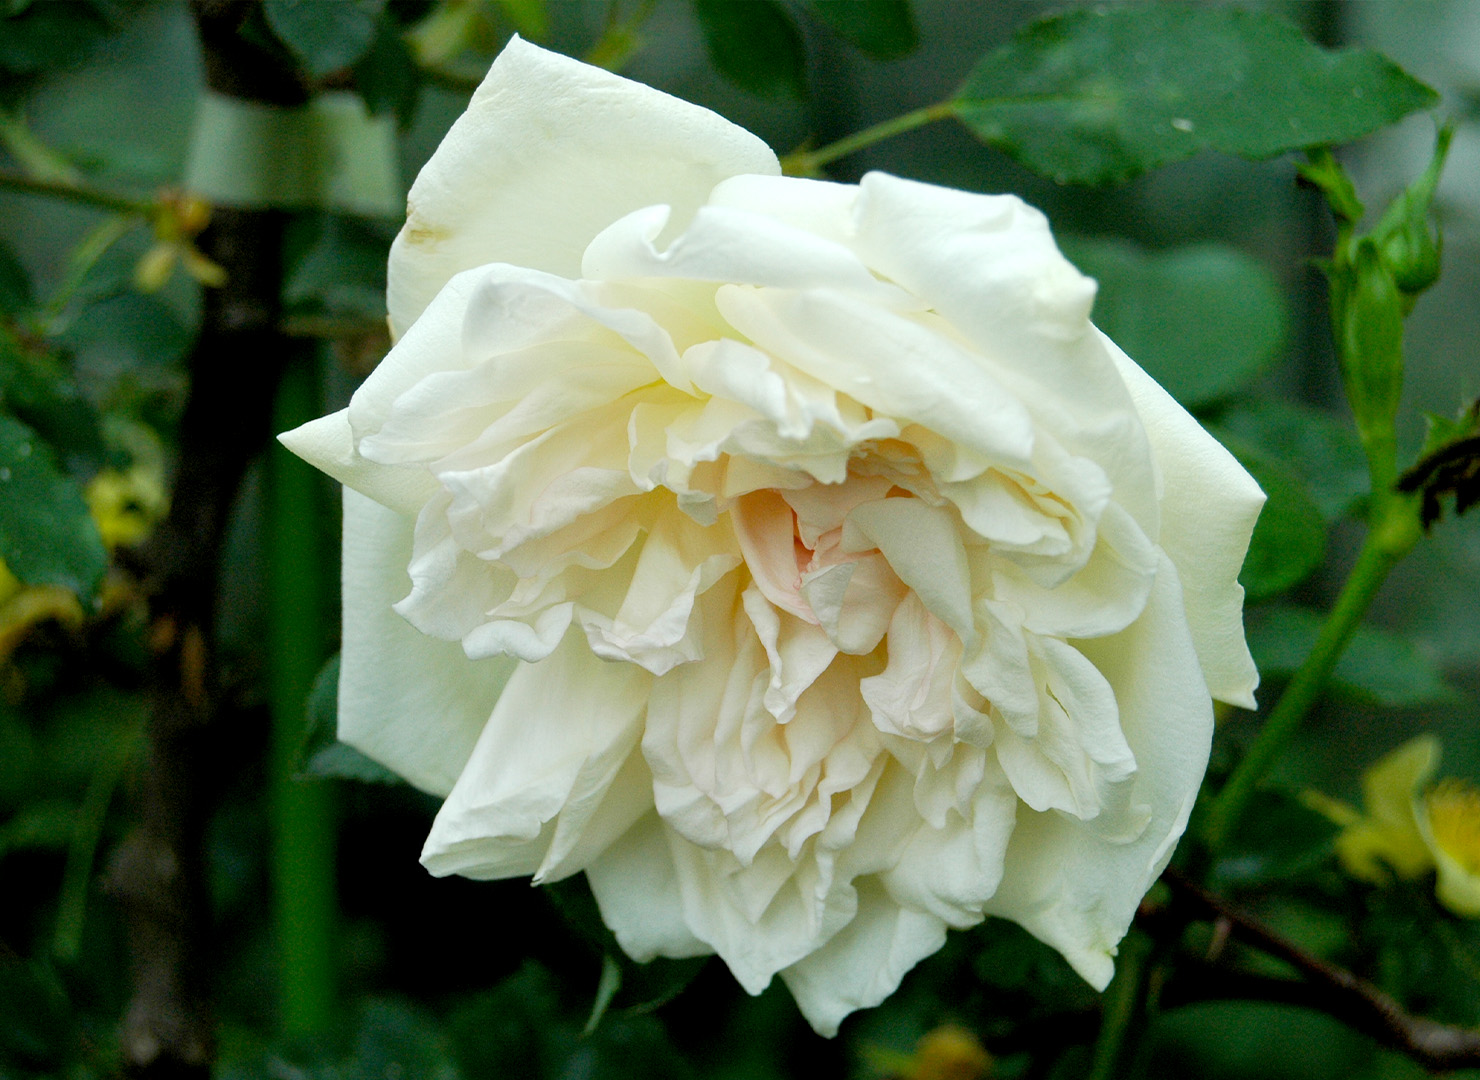 パークス イエロー ティー センティド チャイナ - Parks' Yellow Tea-scented China